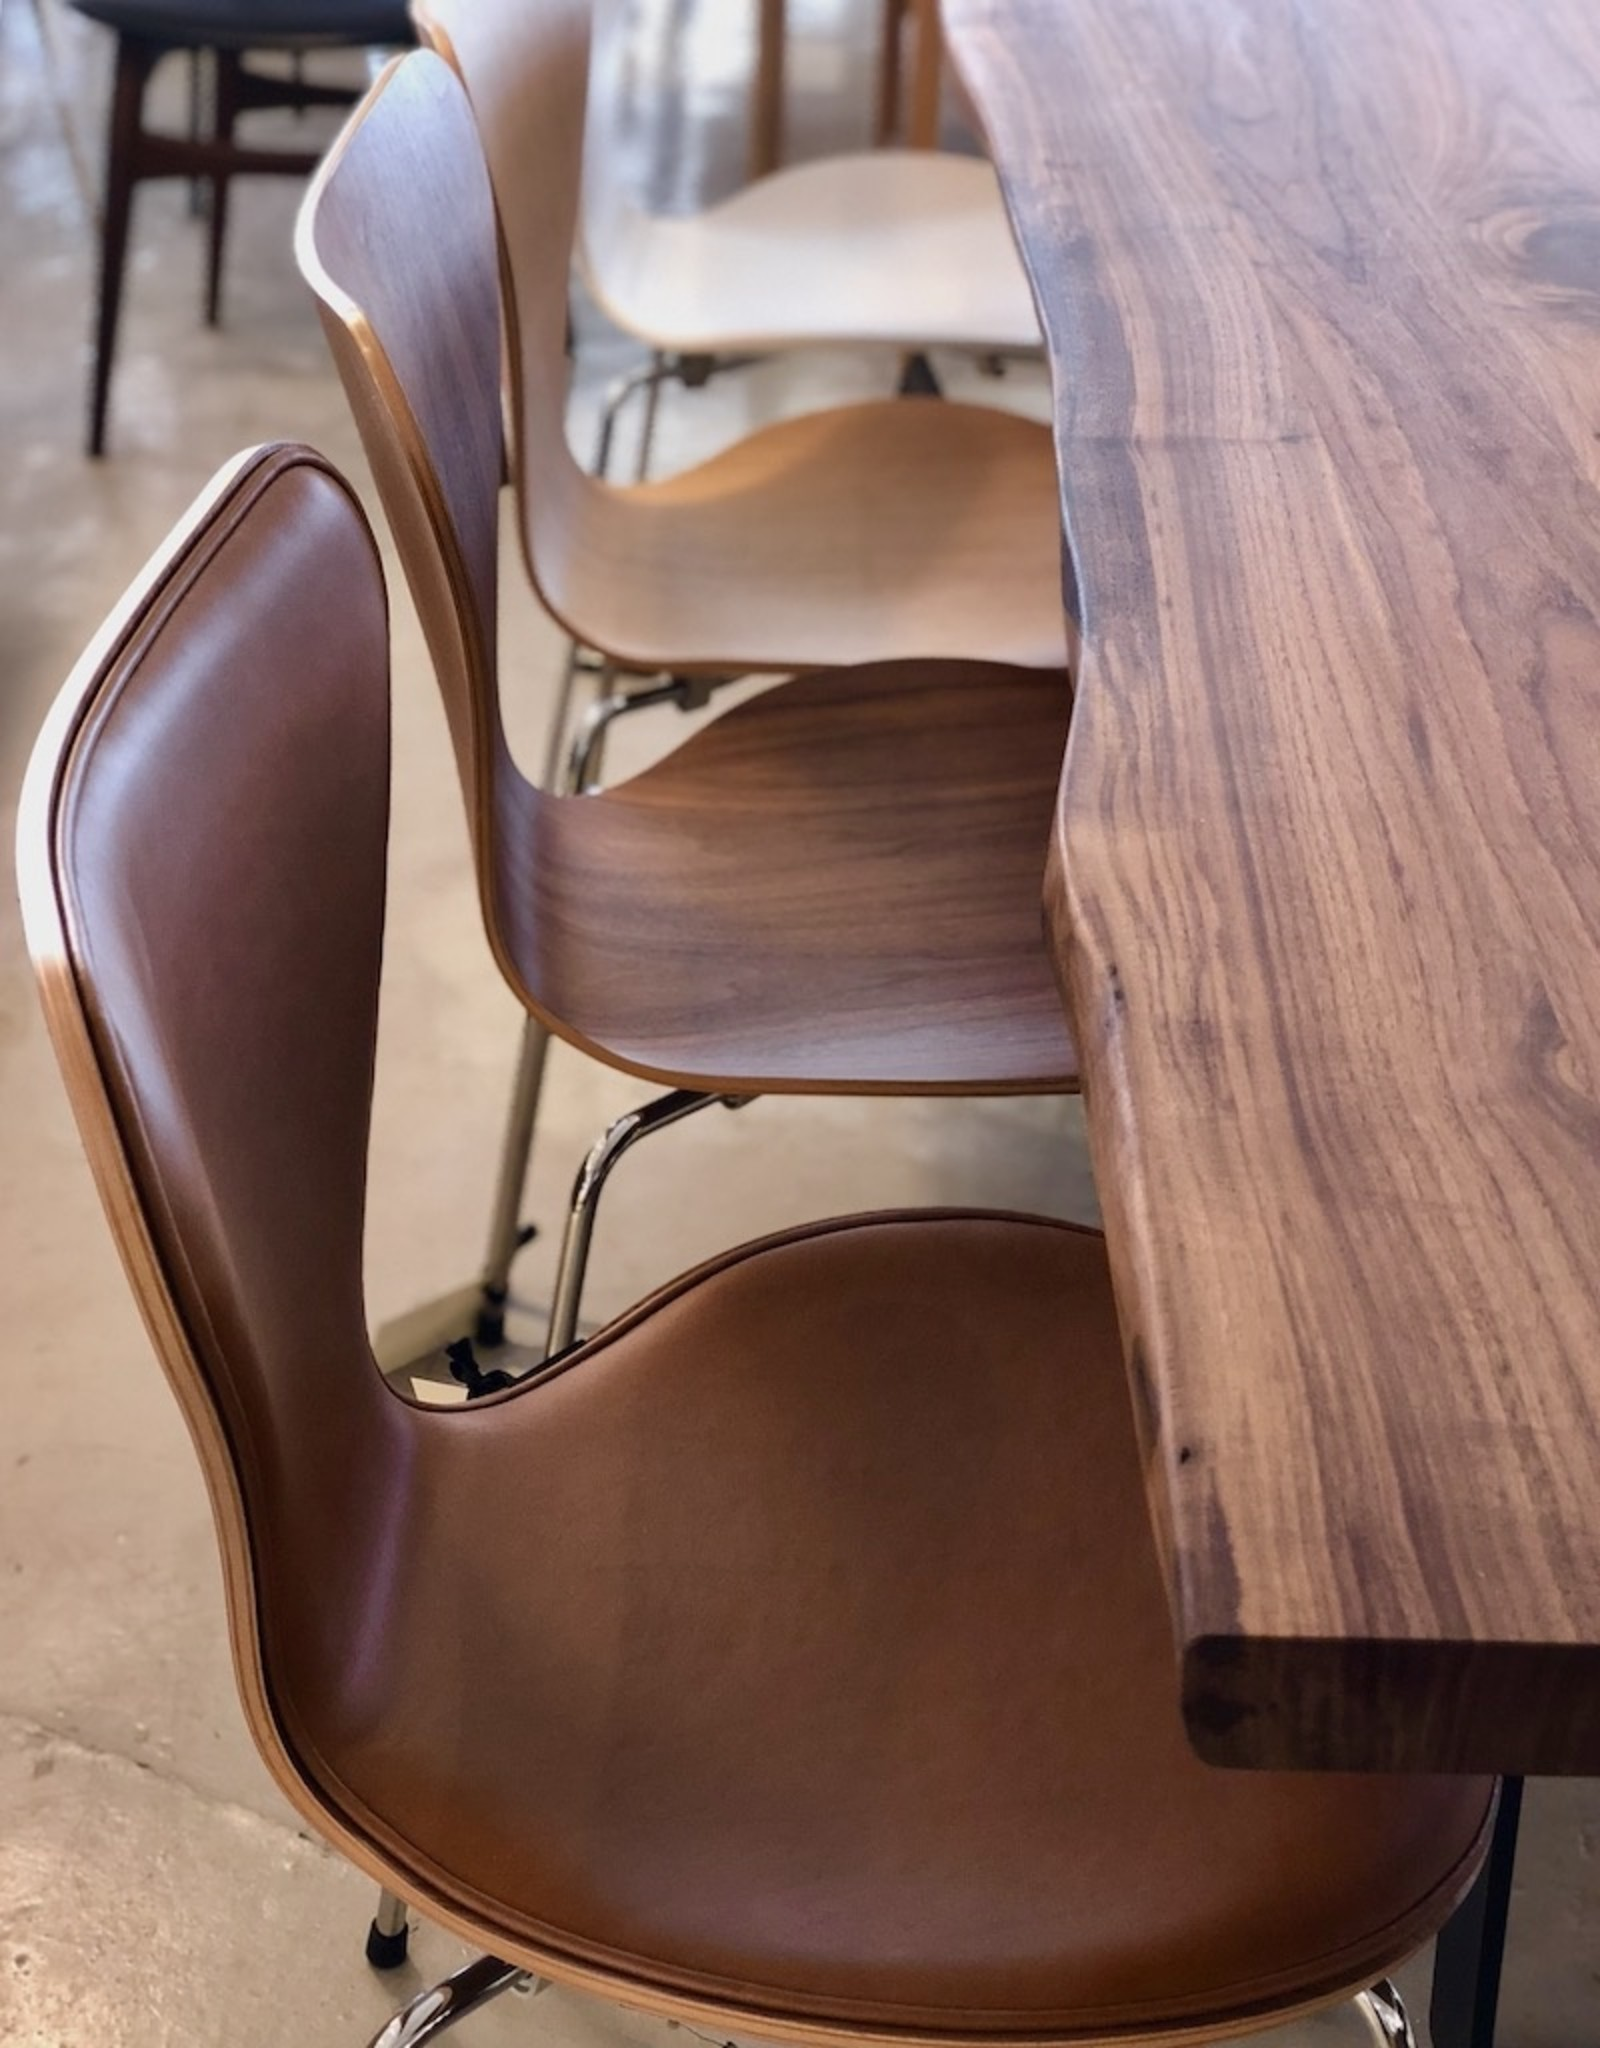 3107 系列7 半包裹真皮餐椅